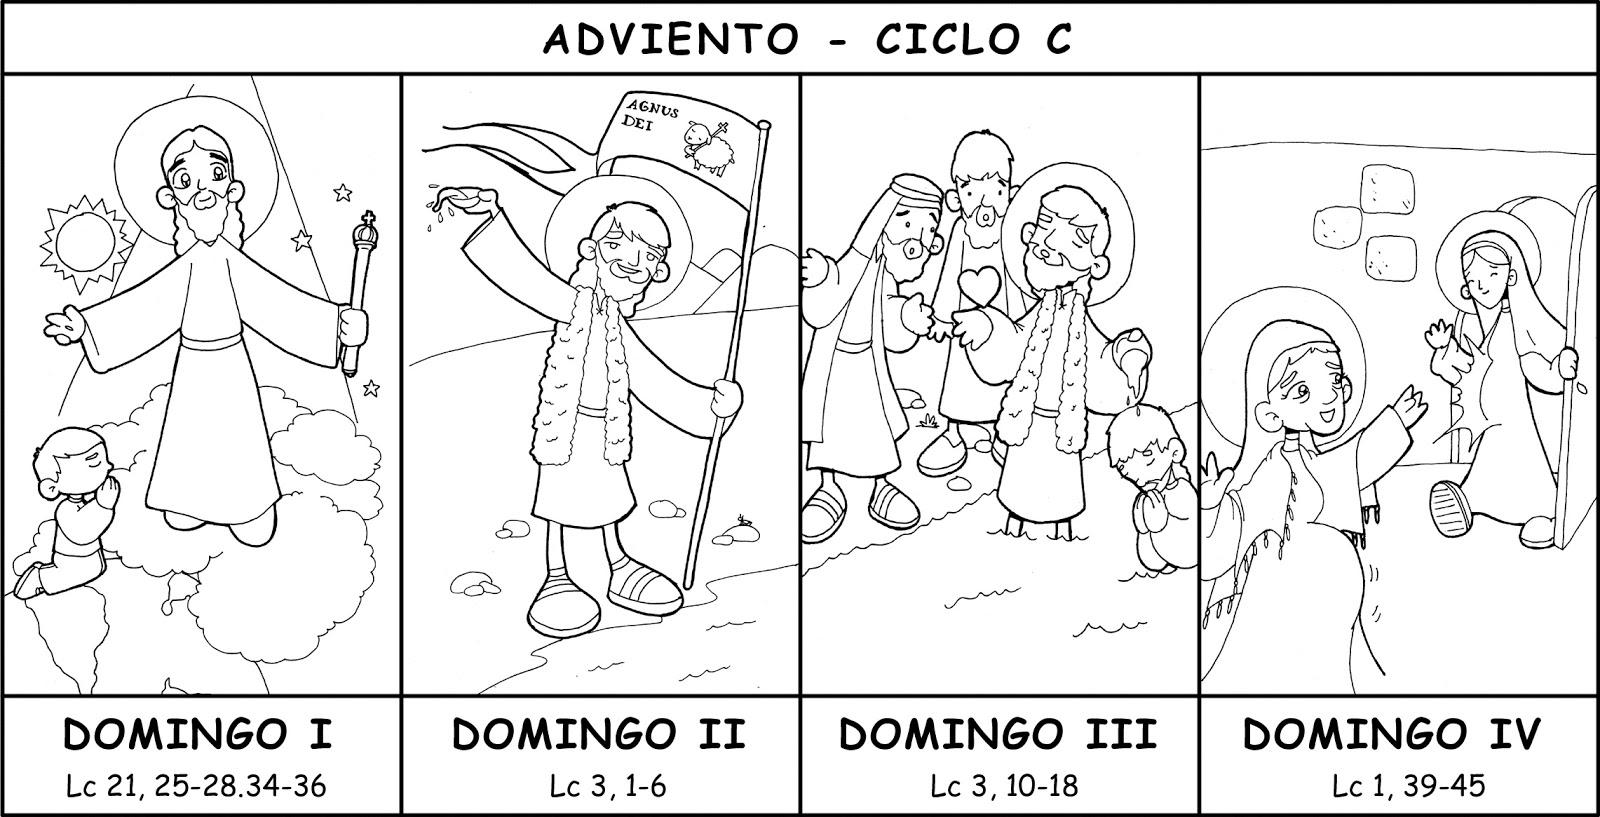 EDUCACIÓN RELIGIOSA: CUATRO DOMINGOS DE ADVIENTO - CICLO C